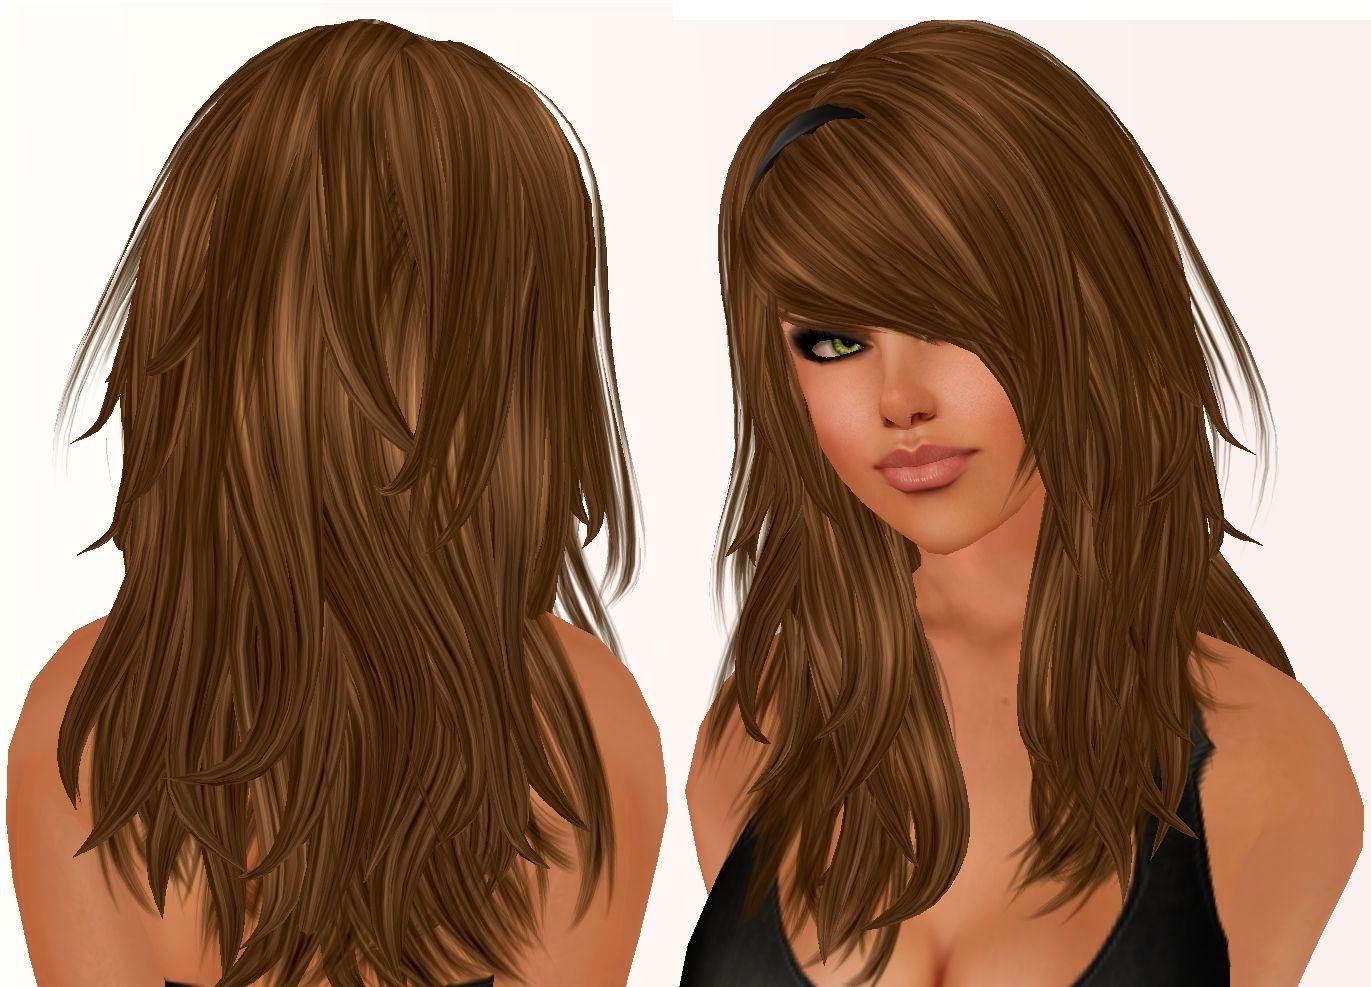 haarschnitt für dicke, lange haare mit schichten der